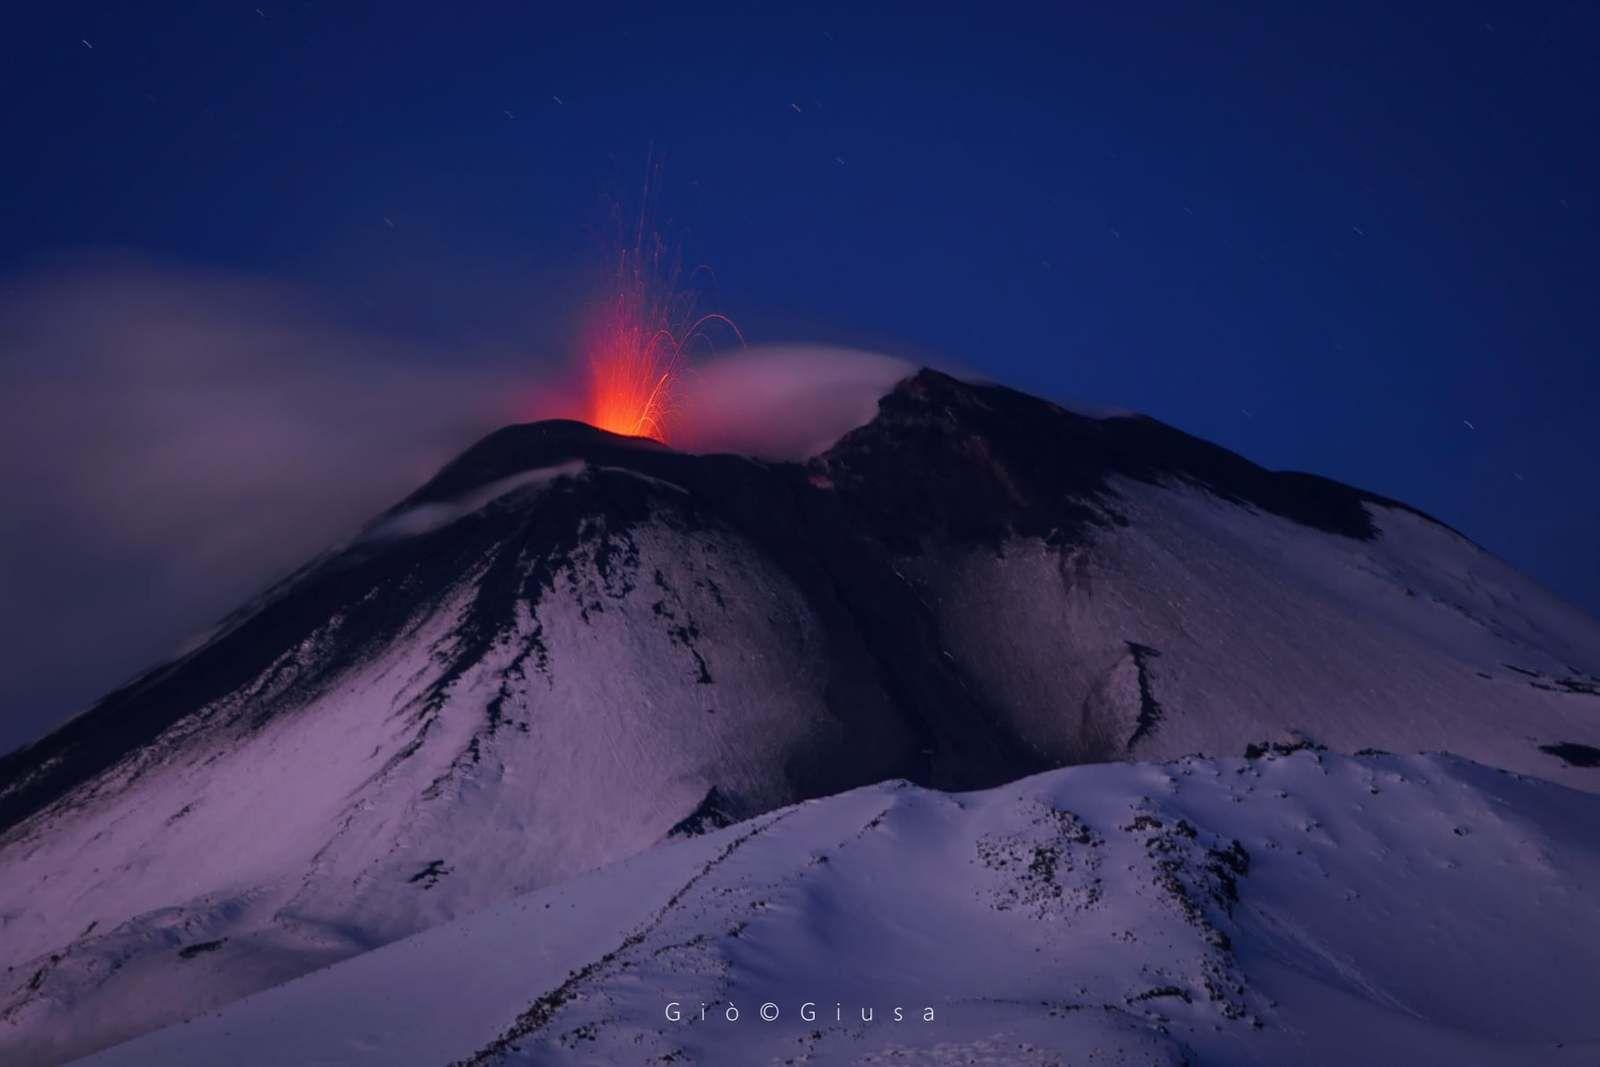 Etna - on December 23, 2020 at dawn - photo Gio Giusa